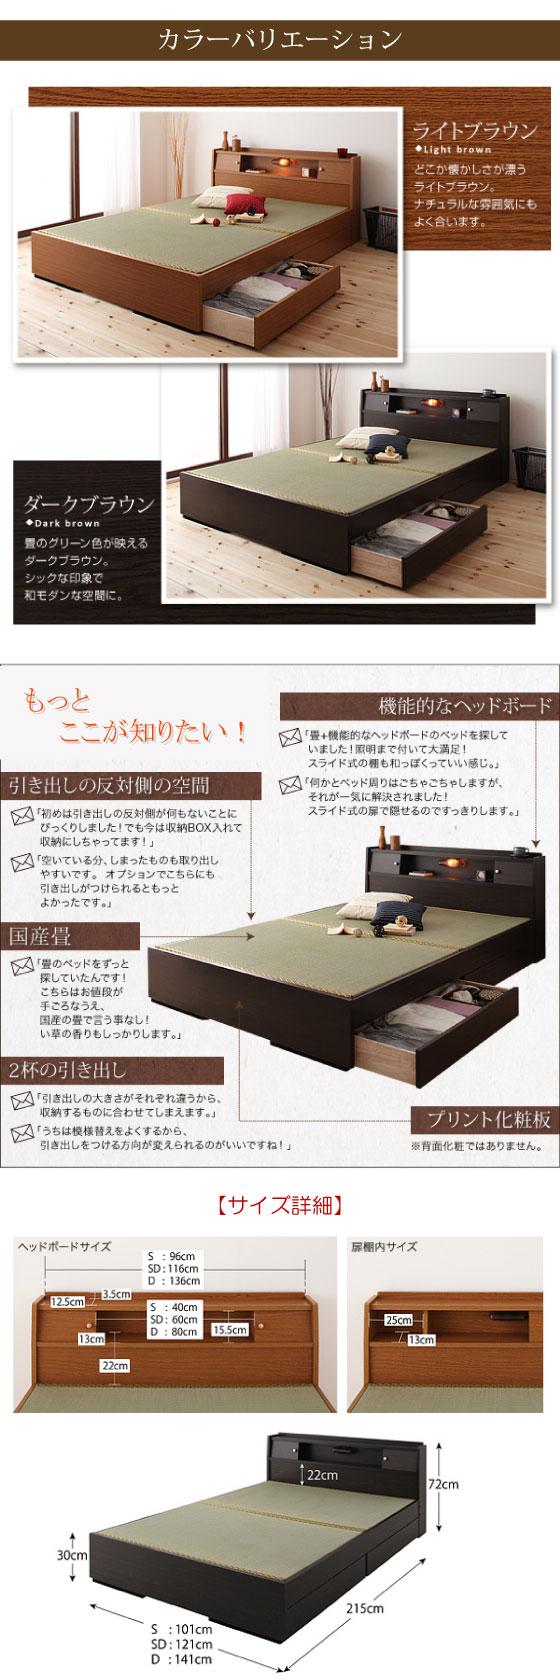 照明&収納&すのこ床板・畳ベッド(シングル・日本製)